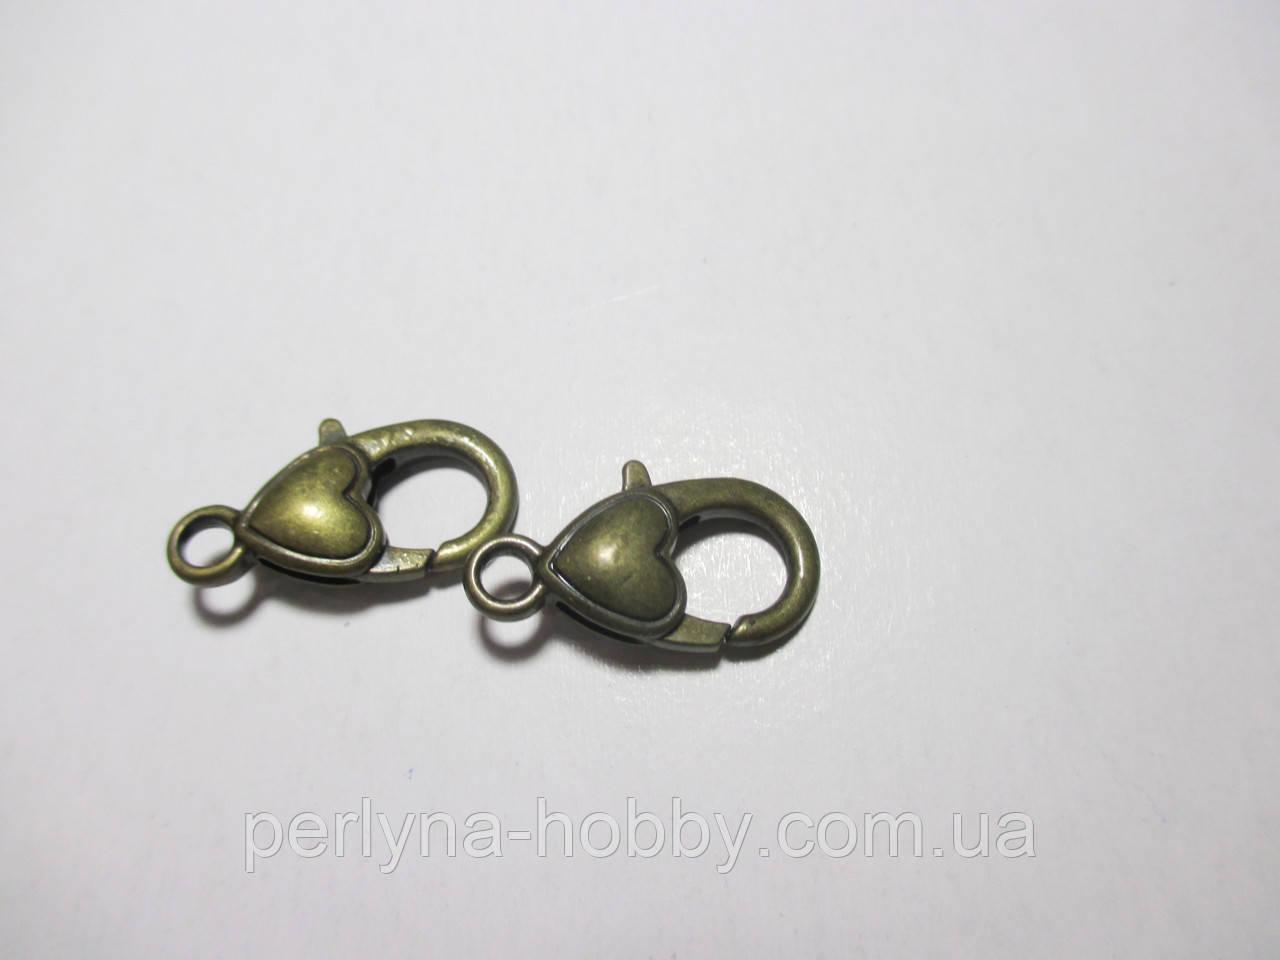 """Застібка карабін """"Сердечко"""", 22 мм. бронза, античне золото"""